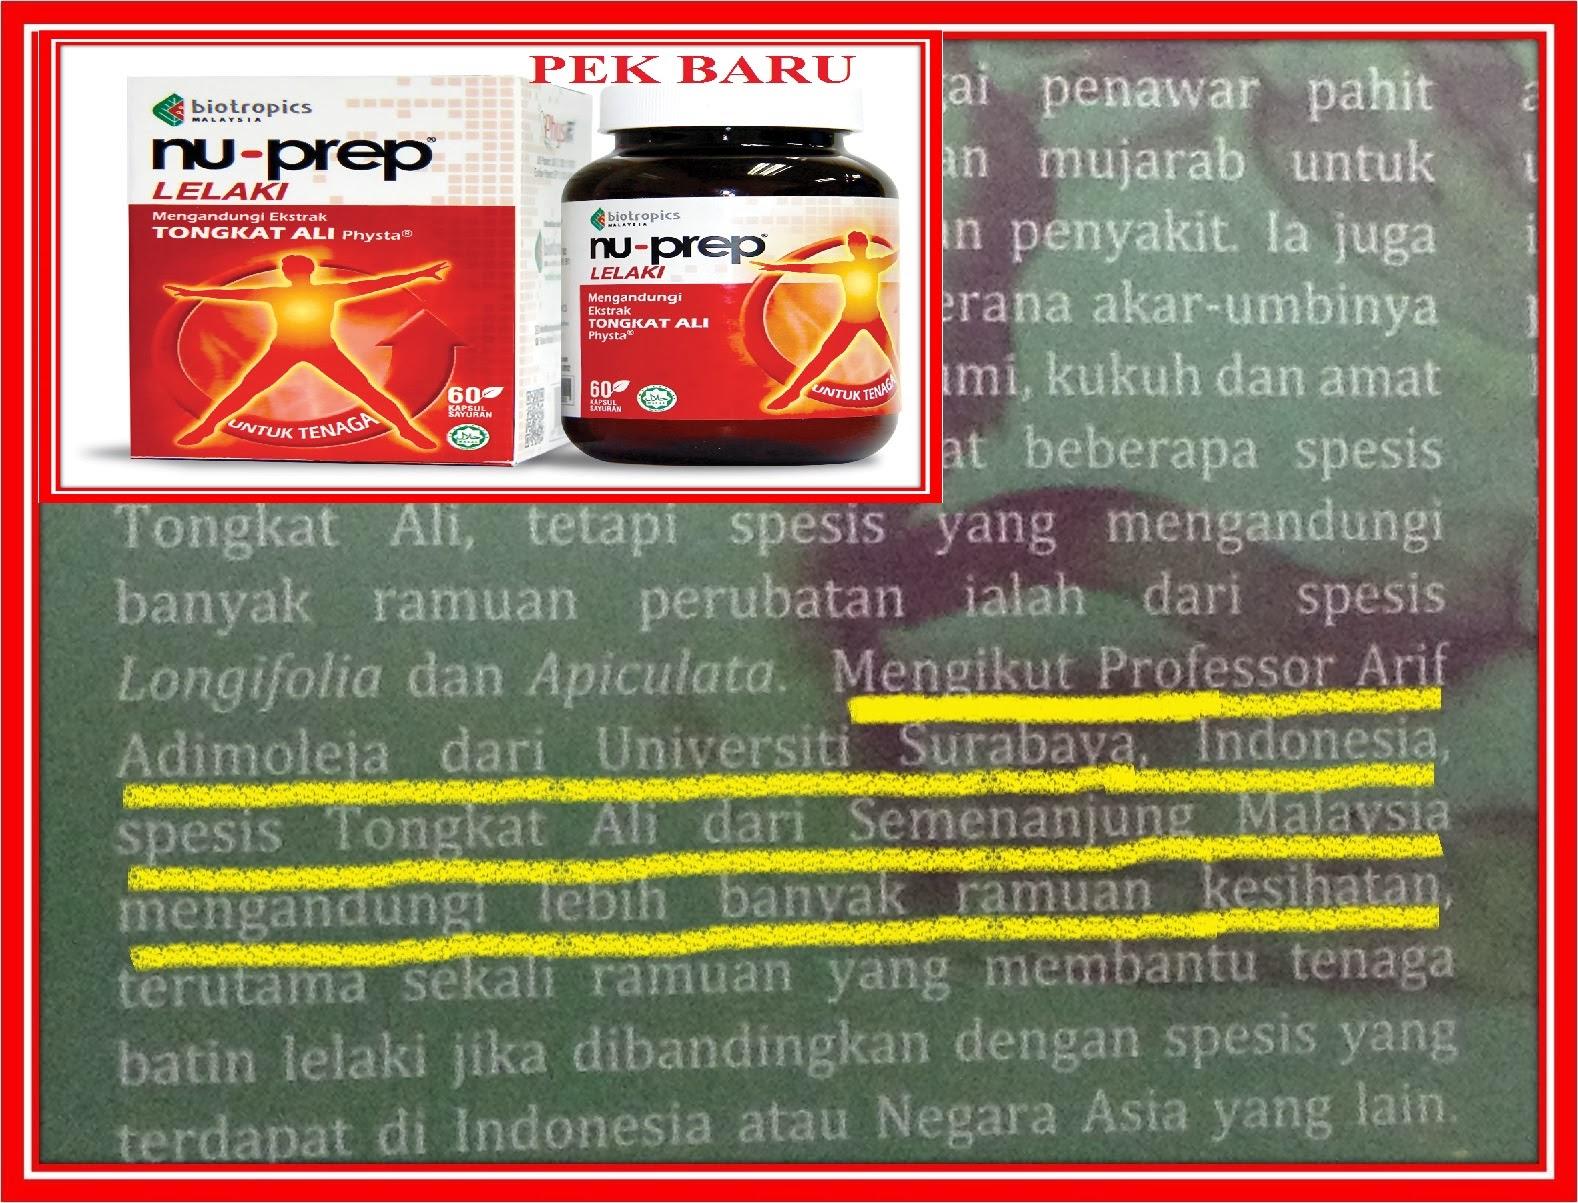 FAKTA SAINS & ISLAM, Mukjizat Bergelar Tongkat Ali Nu-Prep lelaki